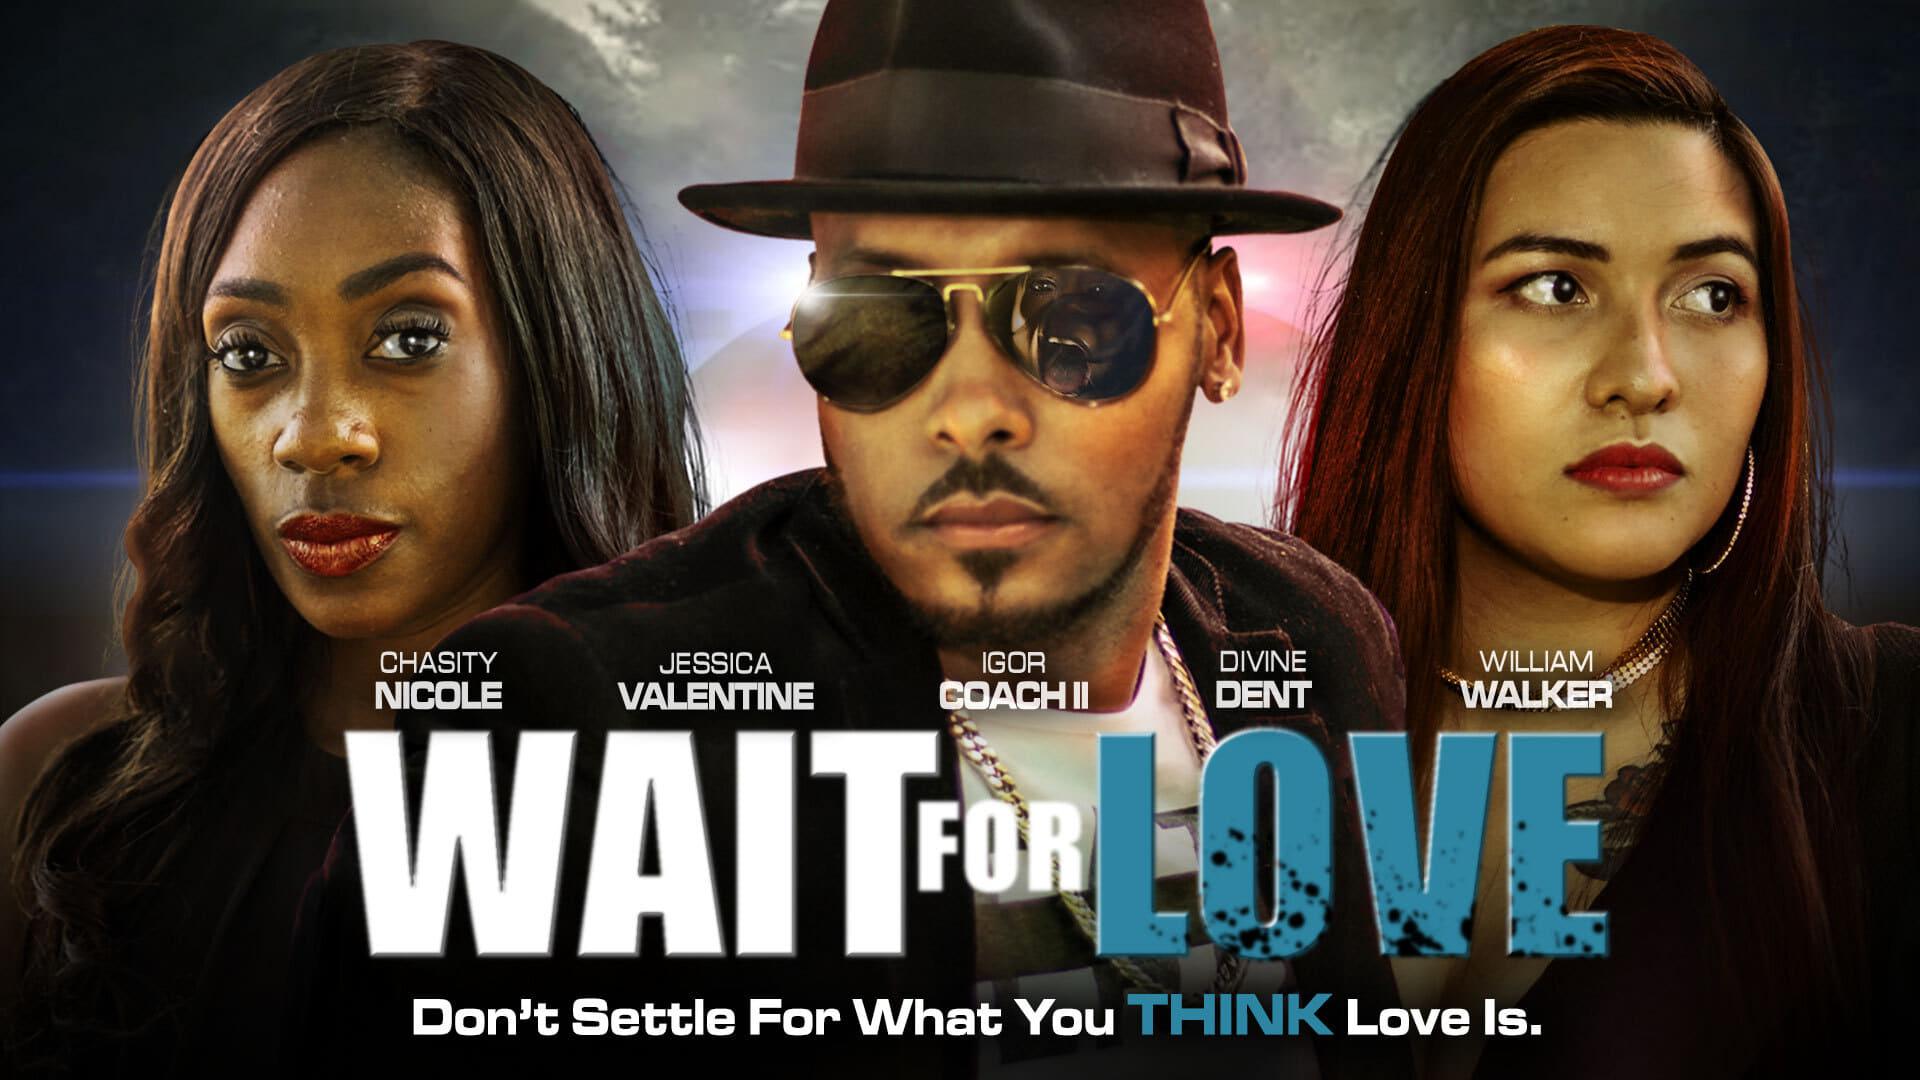 Wait for Love (2021) 4K Movie Online Full